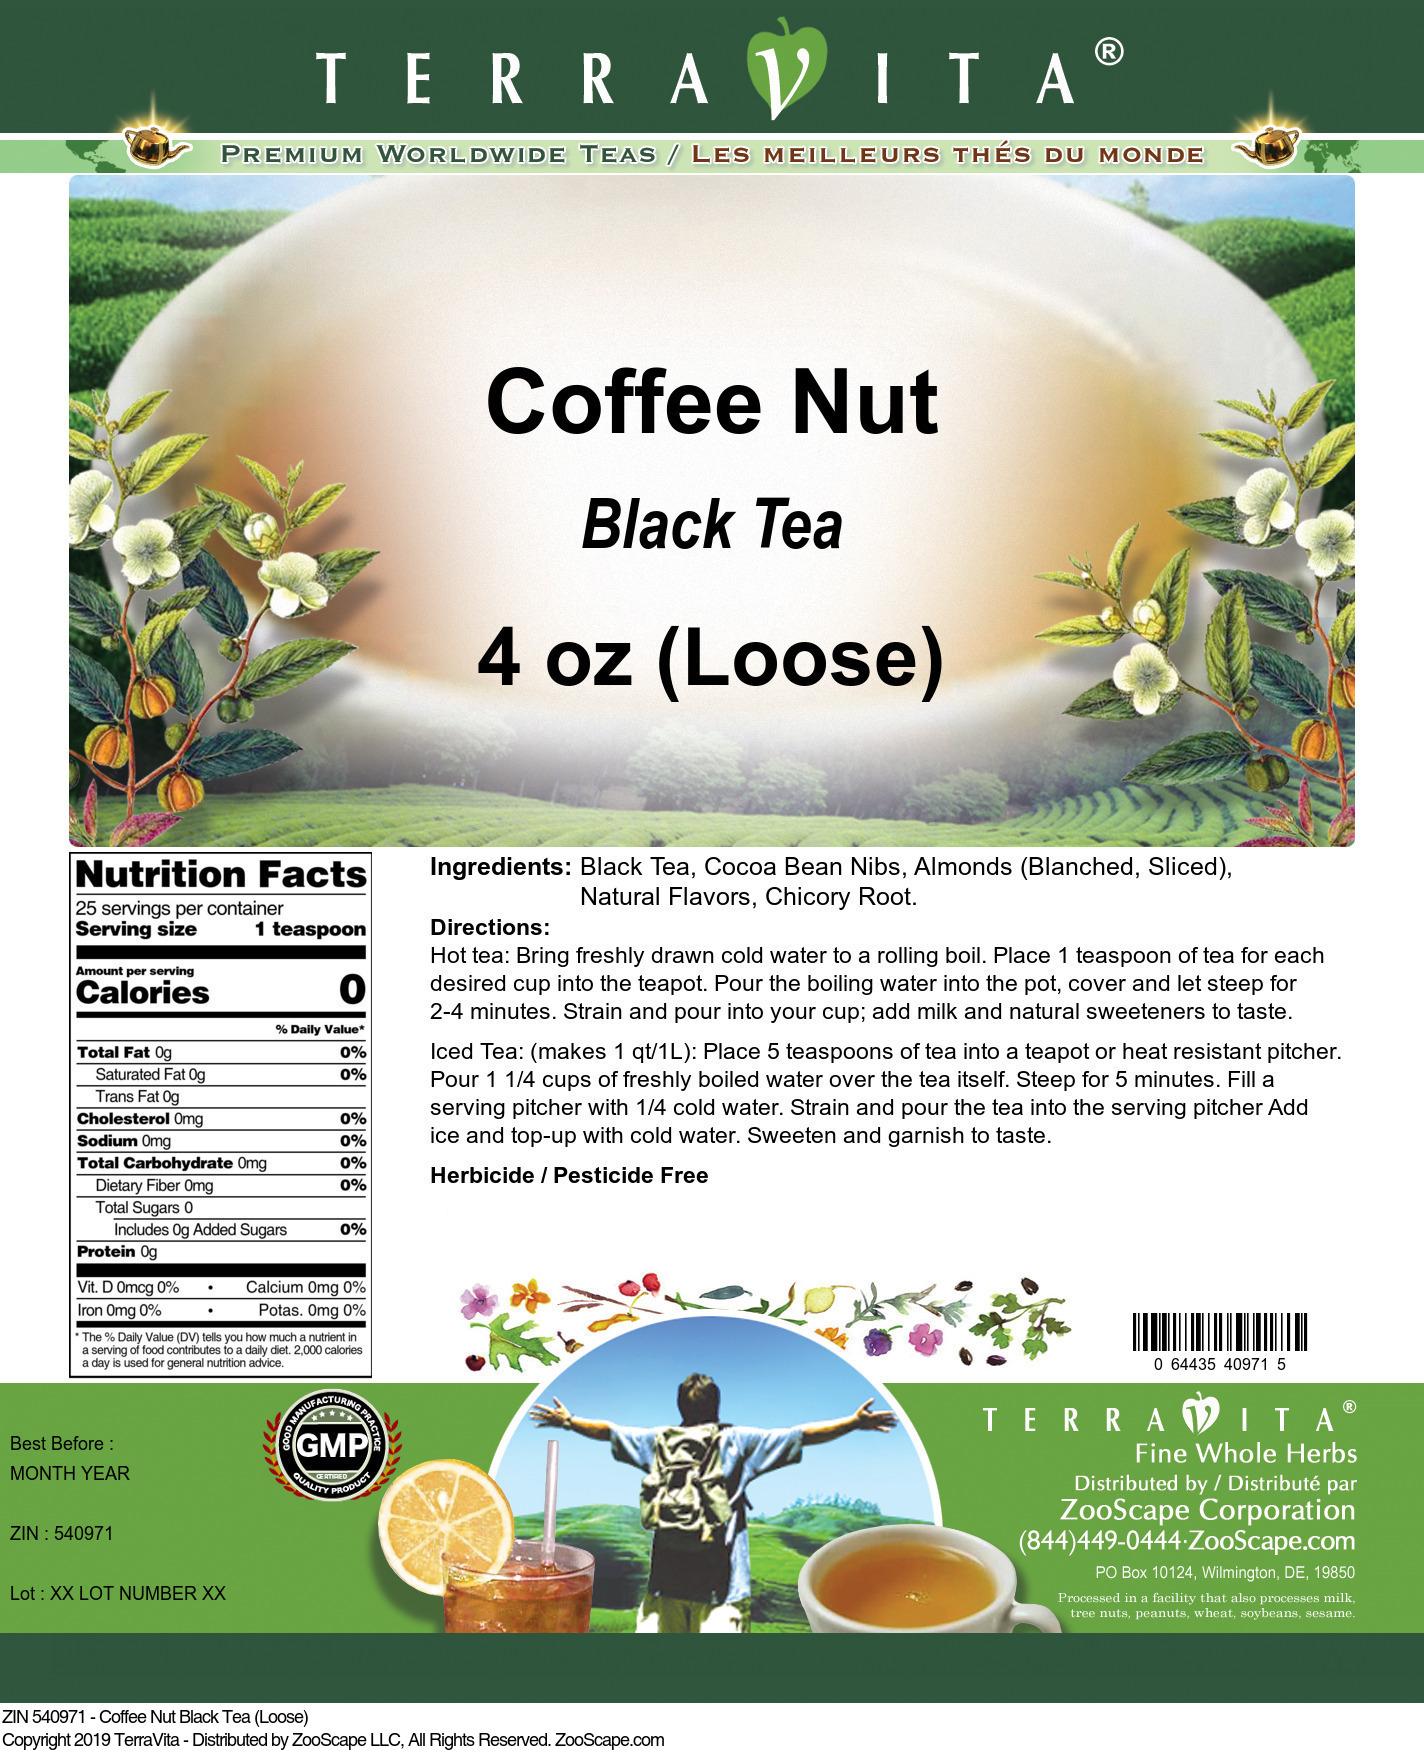 Coffee Nut Black Tea (Loose)